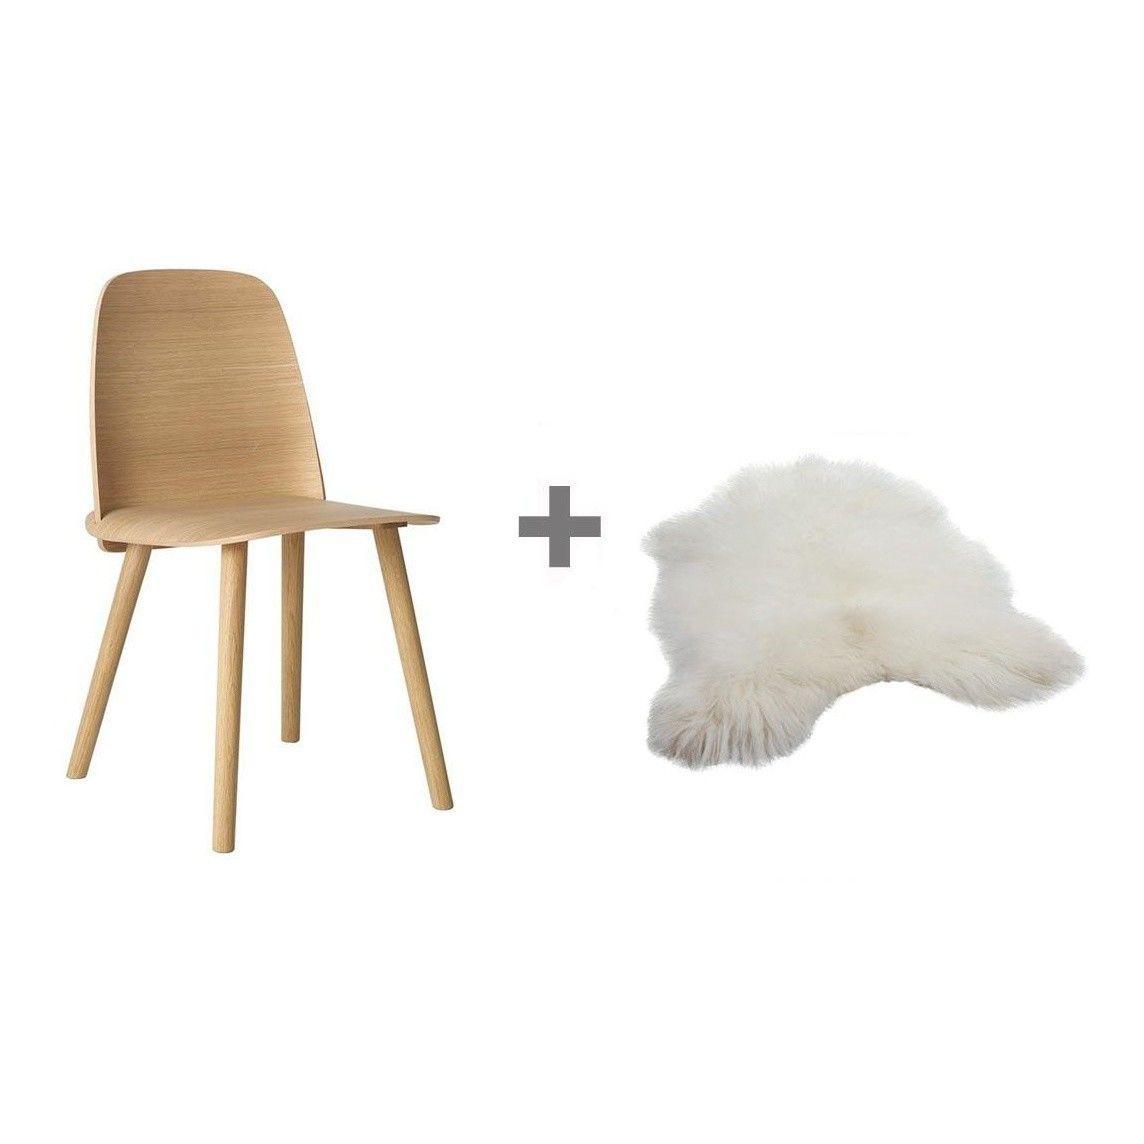 aktionsset nerd stuhl fell muuto. Black Bedroom Furniture Sets. Home Design Ideas